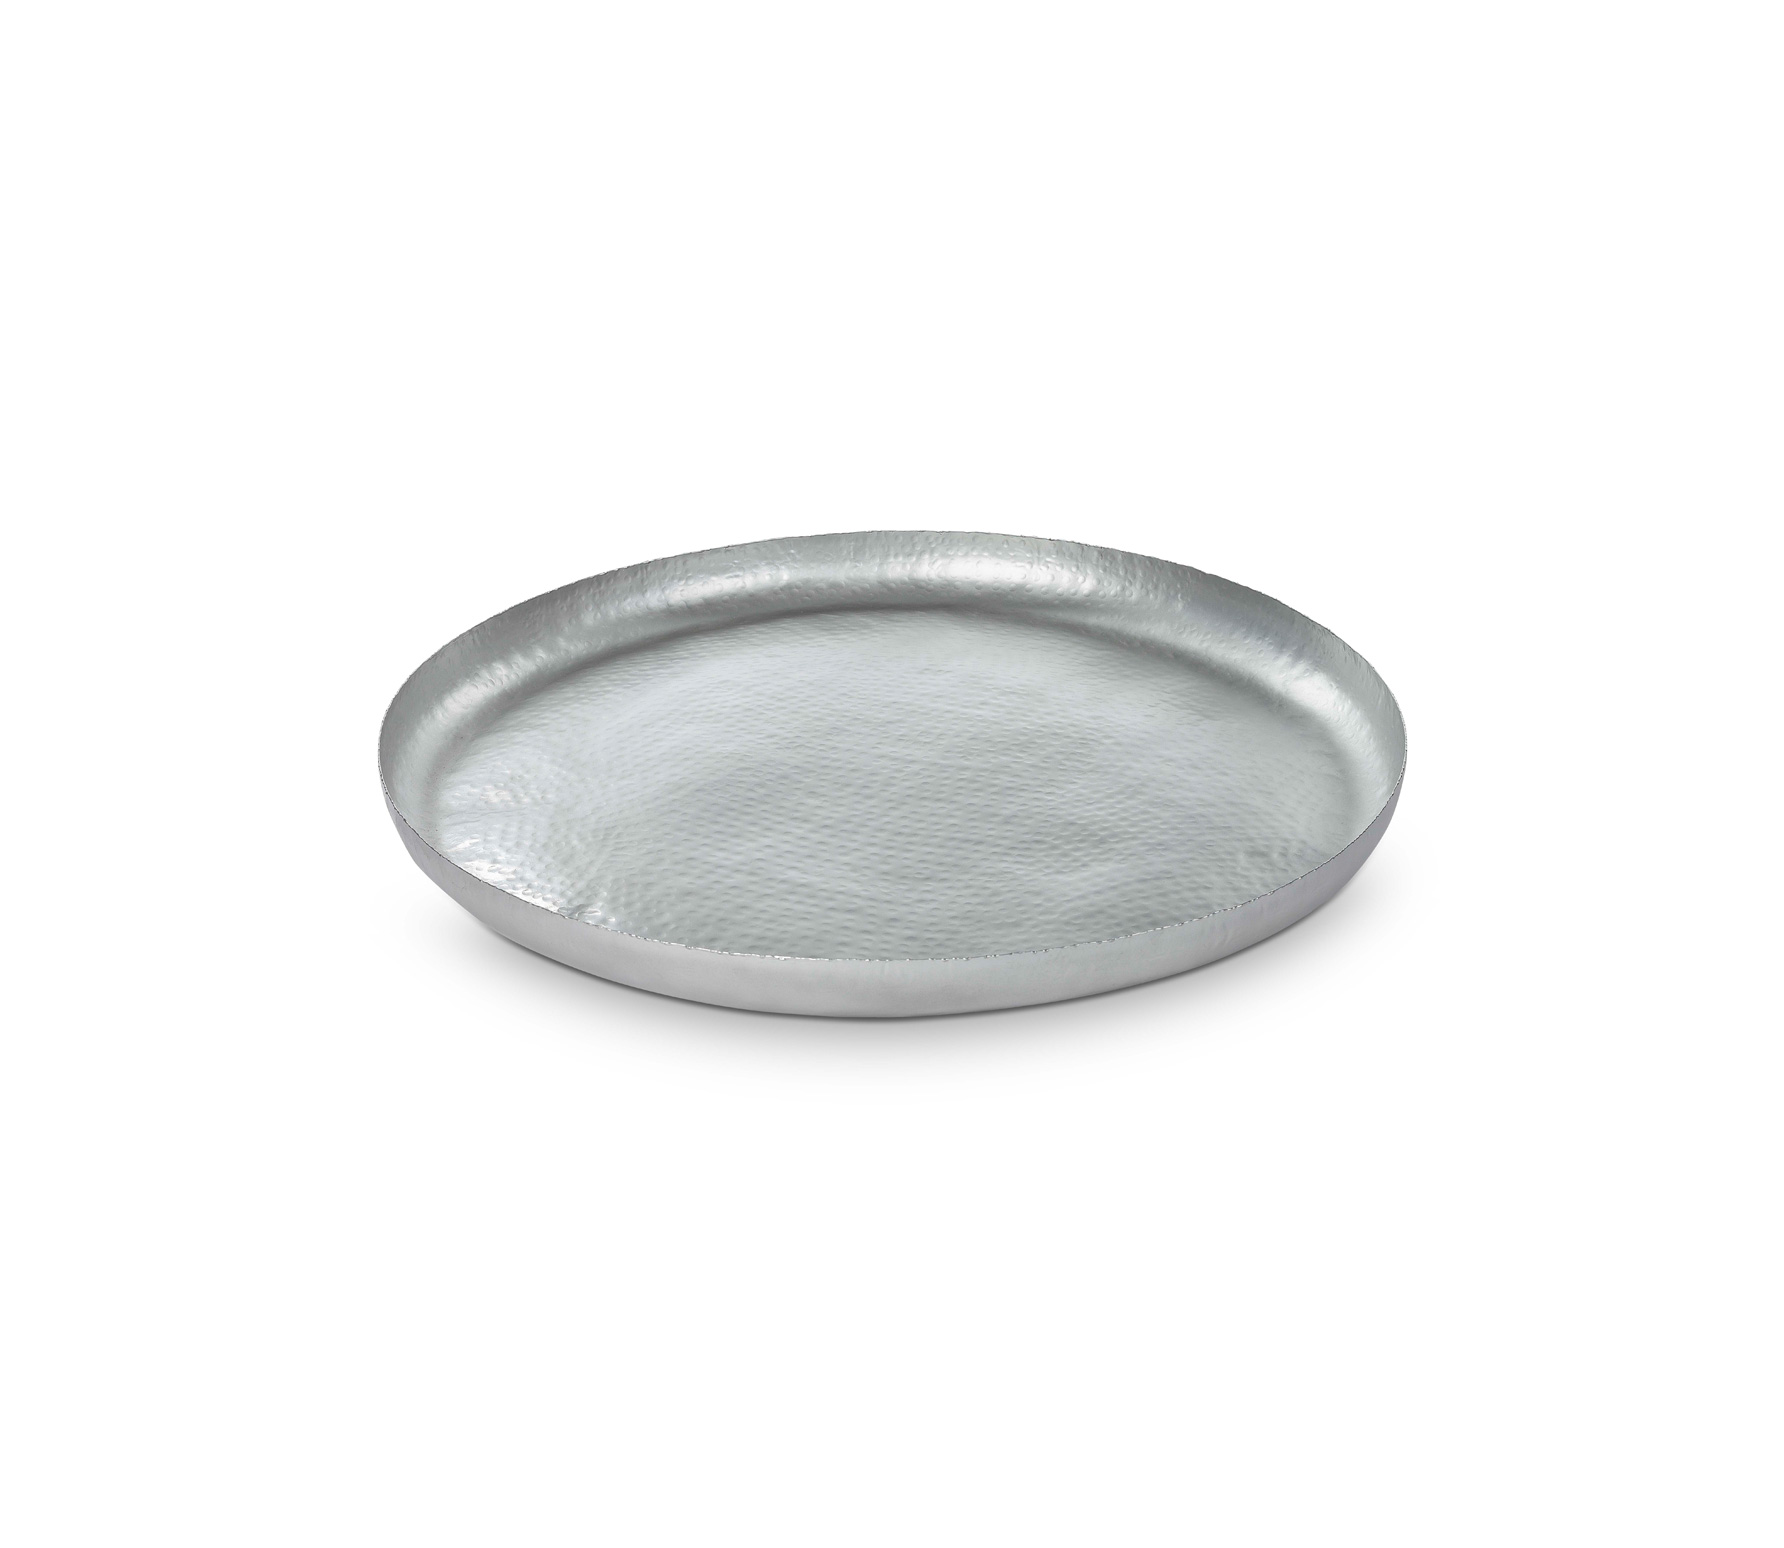 vtwonen dienblad zilver metaal diverse afmetingen Ø 70